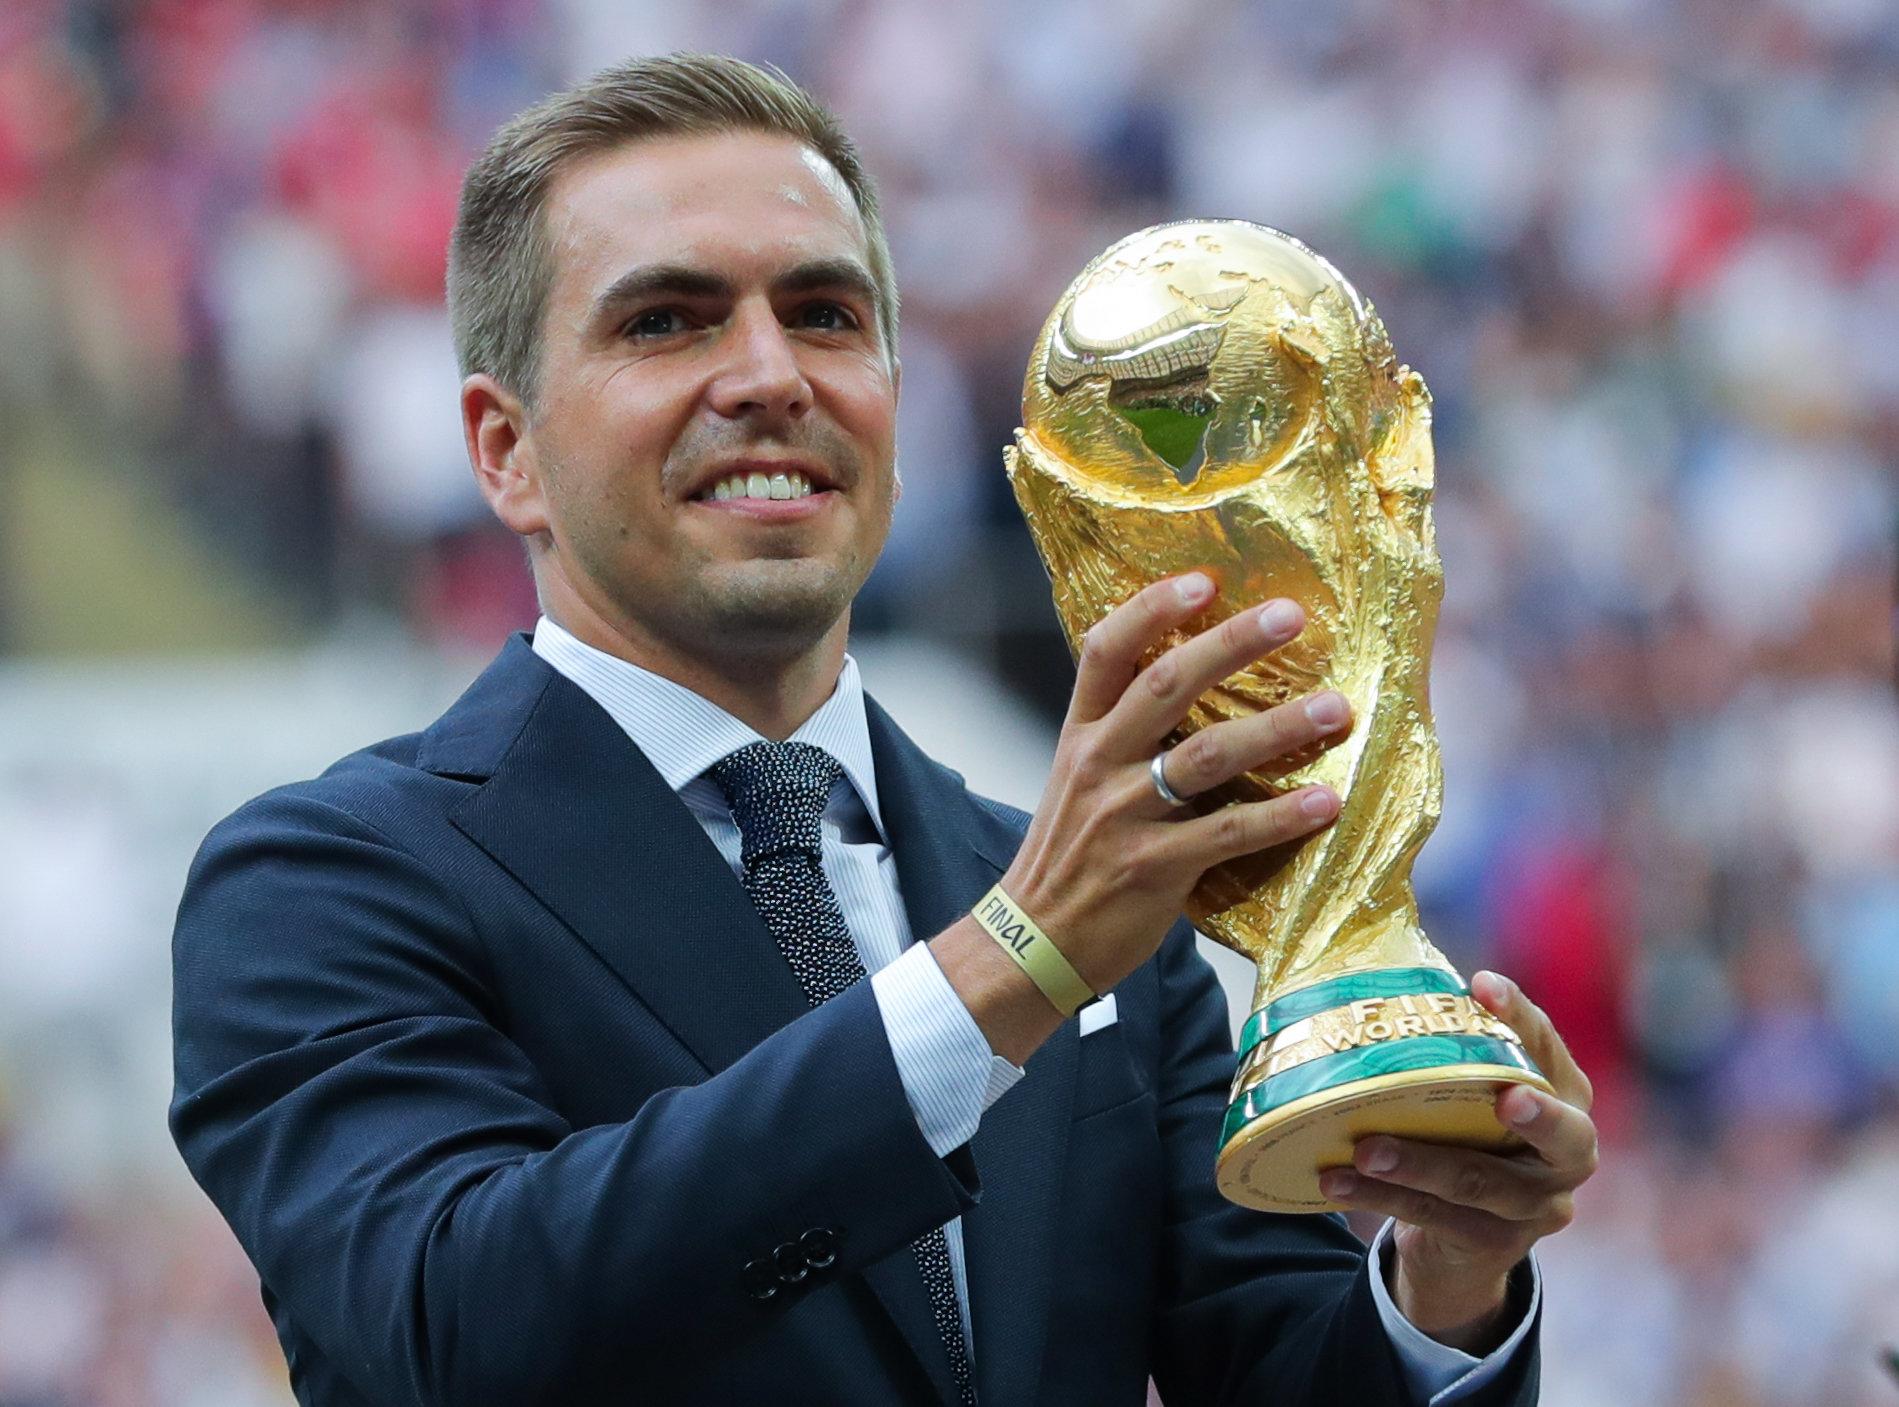 Der größte Triumph: Philipp Lahm und der DFB wurden 2014 Fußball-Weltmeister.